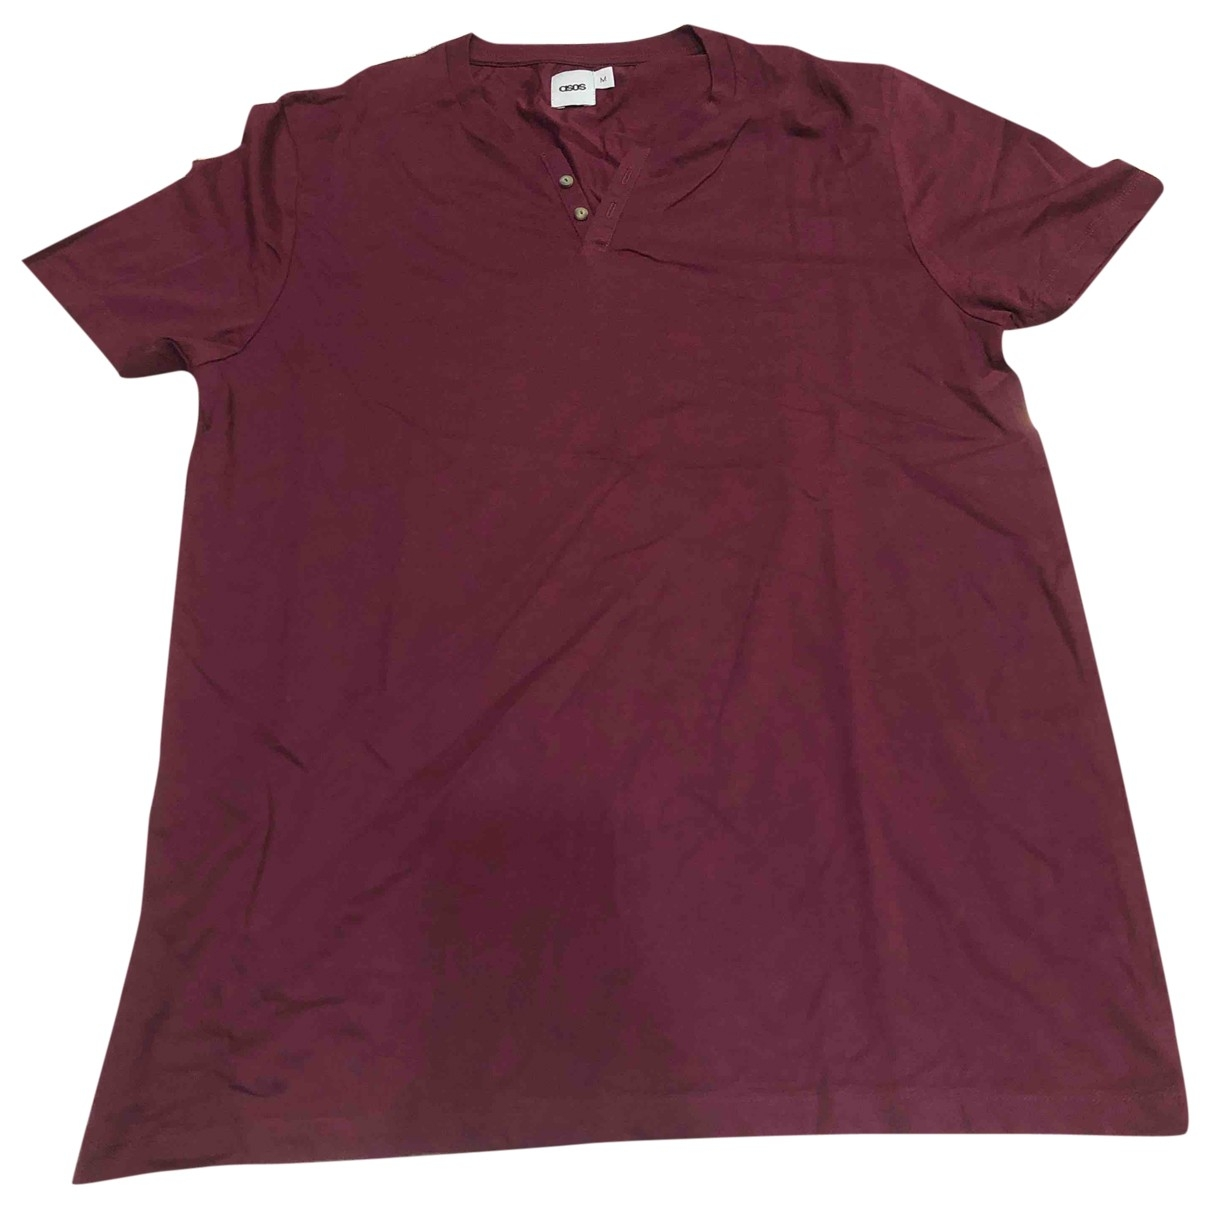 Asos - Tee shirts   pour homme en coton - bordeaux